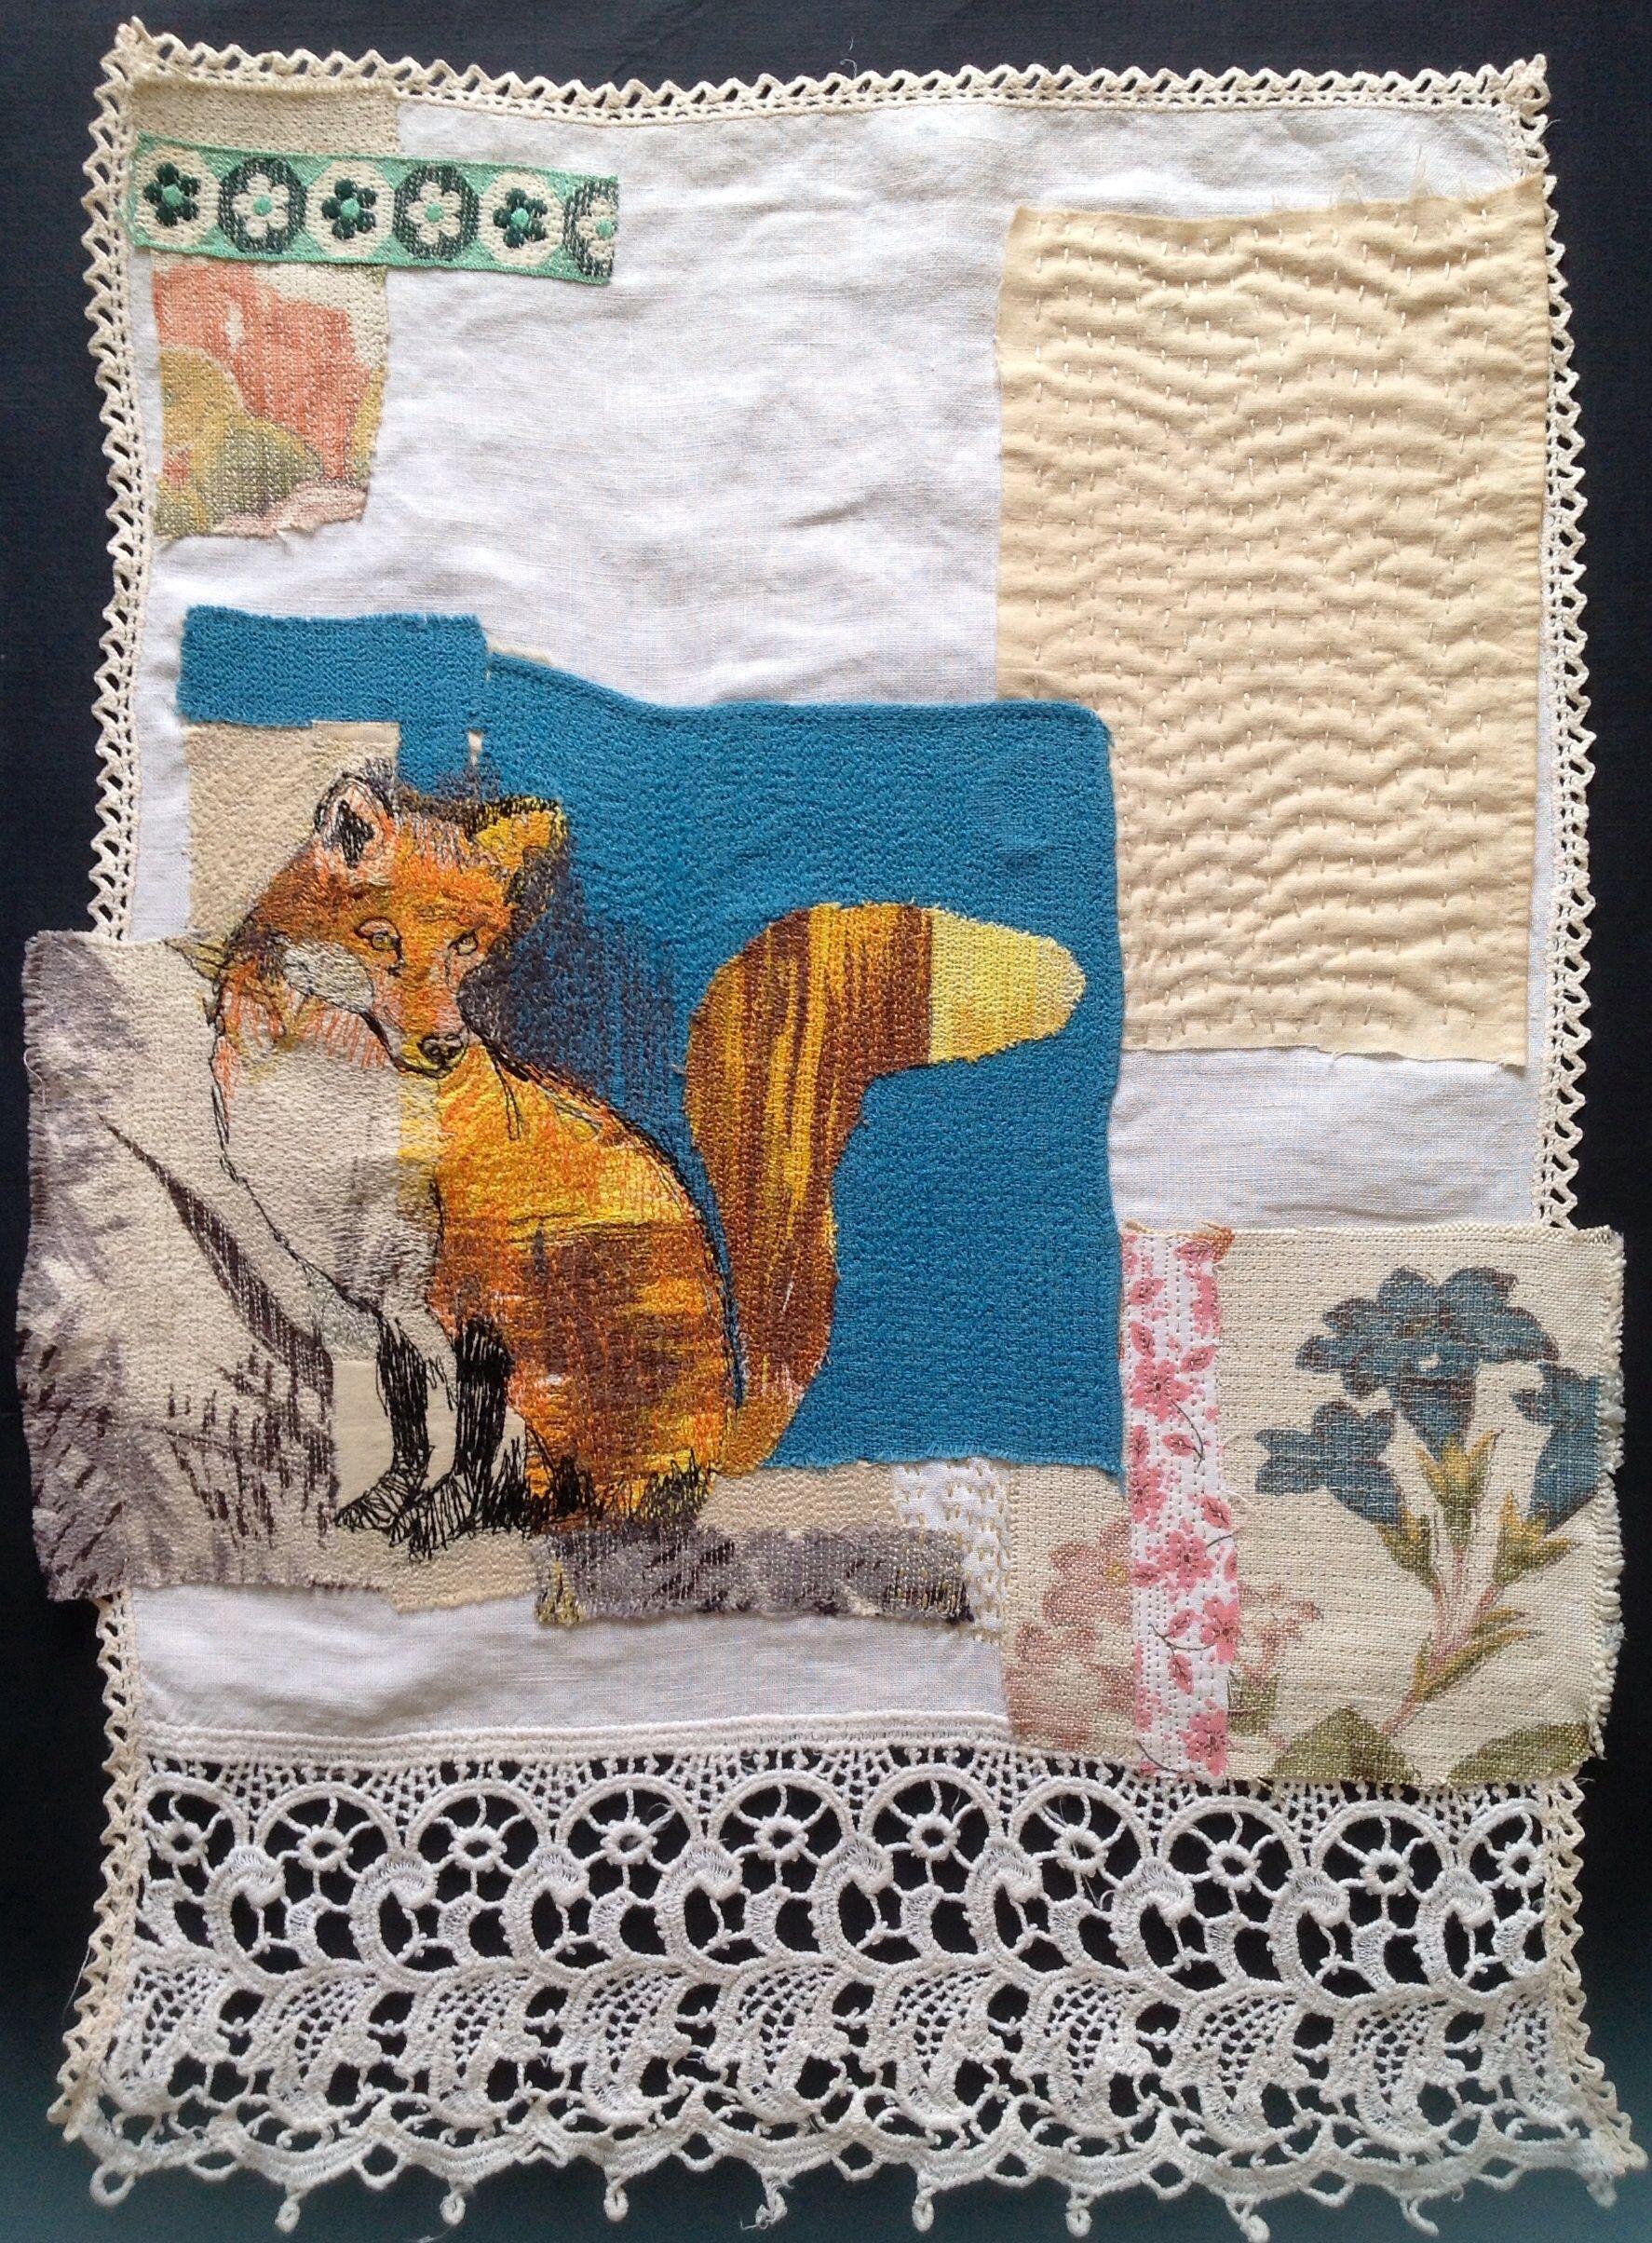 Fox wall hanging mrsbertimus.blogspot.com